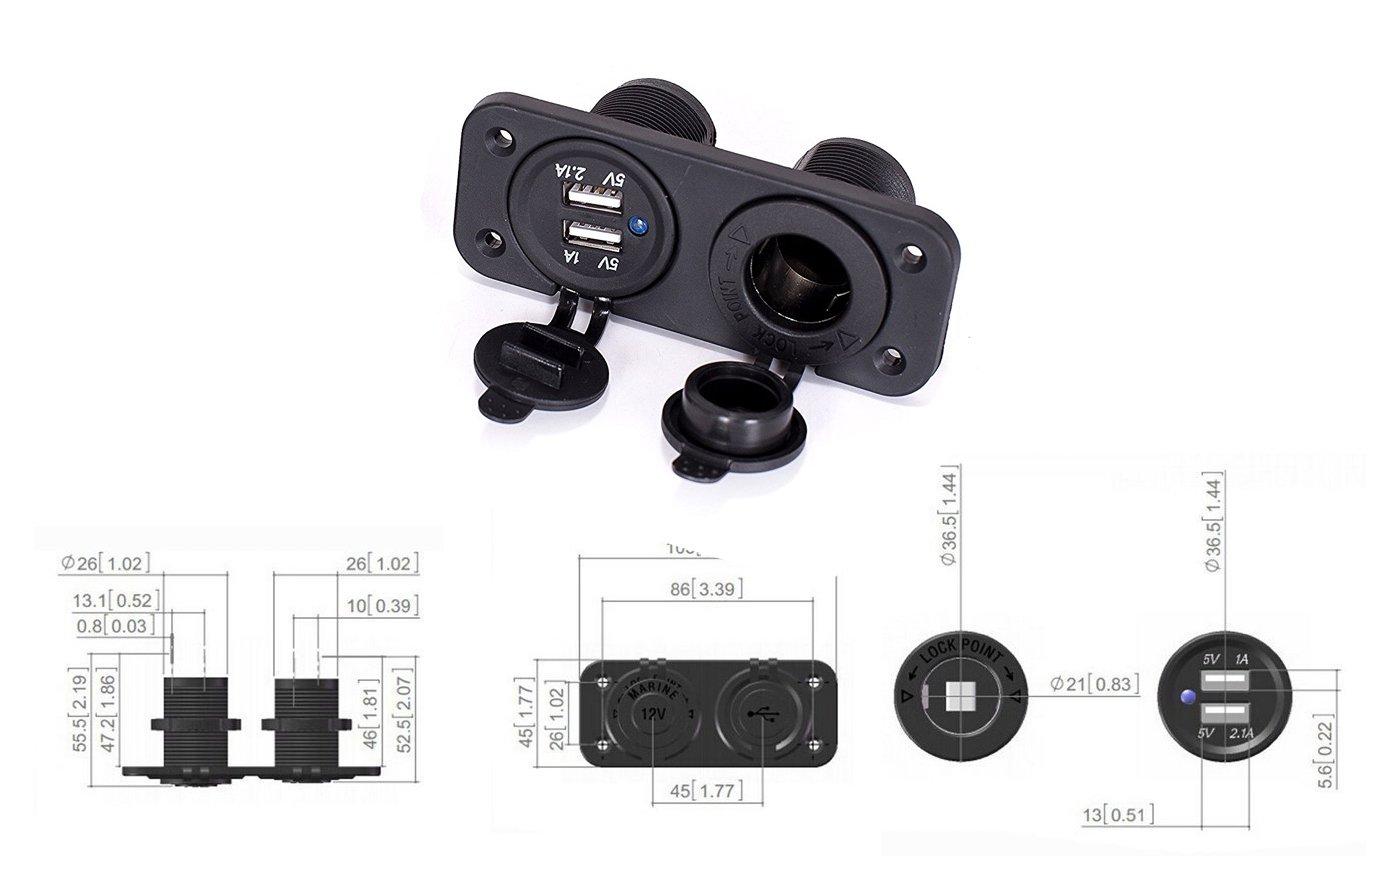 Gel/ändewagen Boot Wohnmobil und Motorrad Lodou 12 V Ladeger/ät Doppel-USB 2 A//1 A Ladeger/ät Power-Adapter Steckdose Zigarettenanz/ünder Verteiler mit integriertem 10-A-Sicherungsdraht f/ür Auto